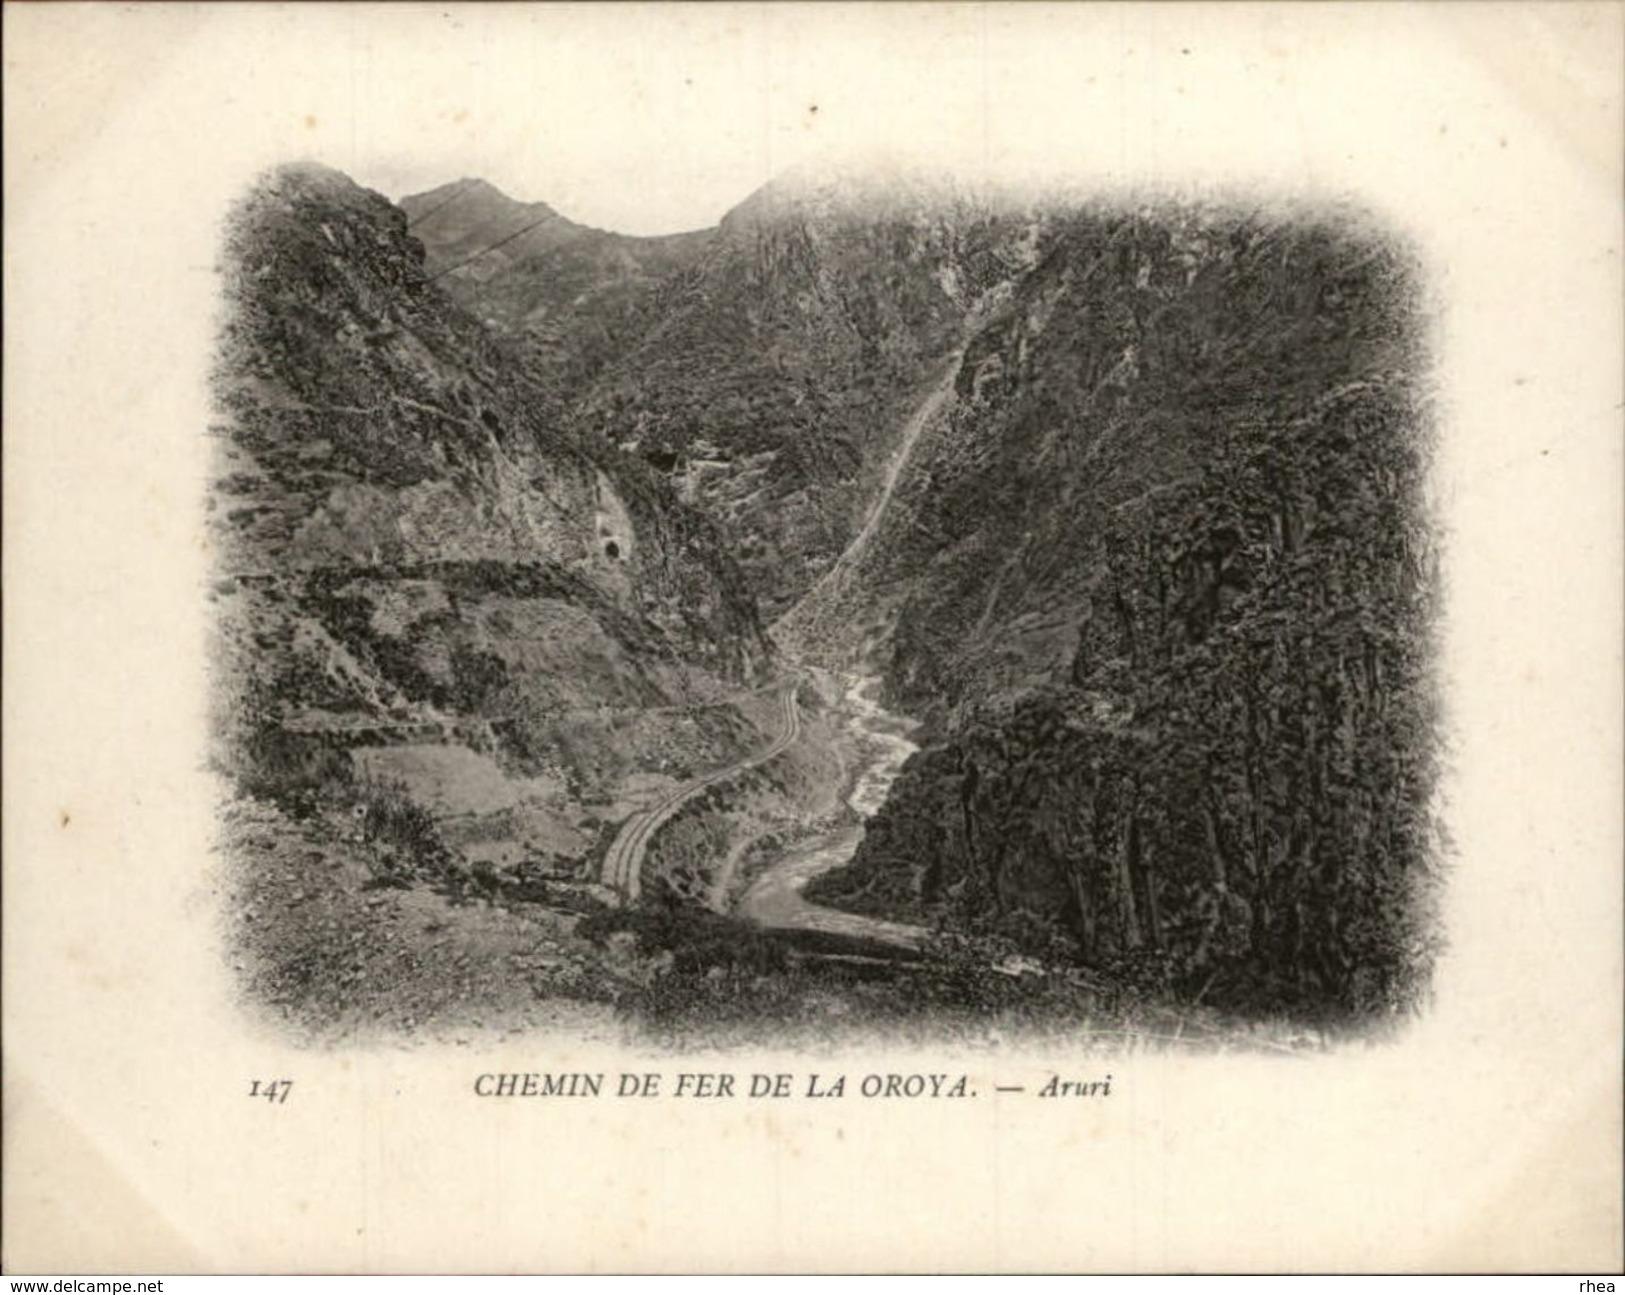 Campagne DUGUAY-TROUIN 1902-1903 - Voilier - Expédition - PEROU - Chemin De Fer De LA OROYA - ARURI - Pérou